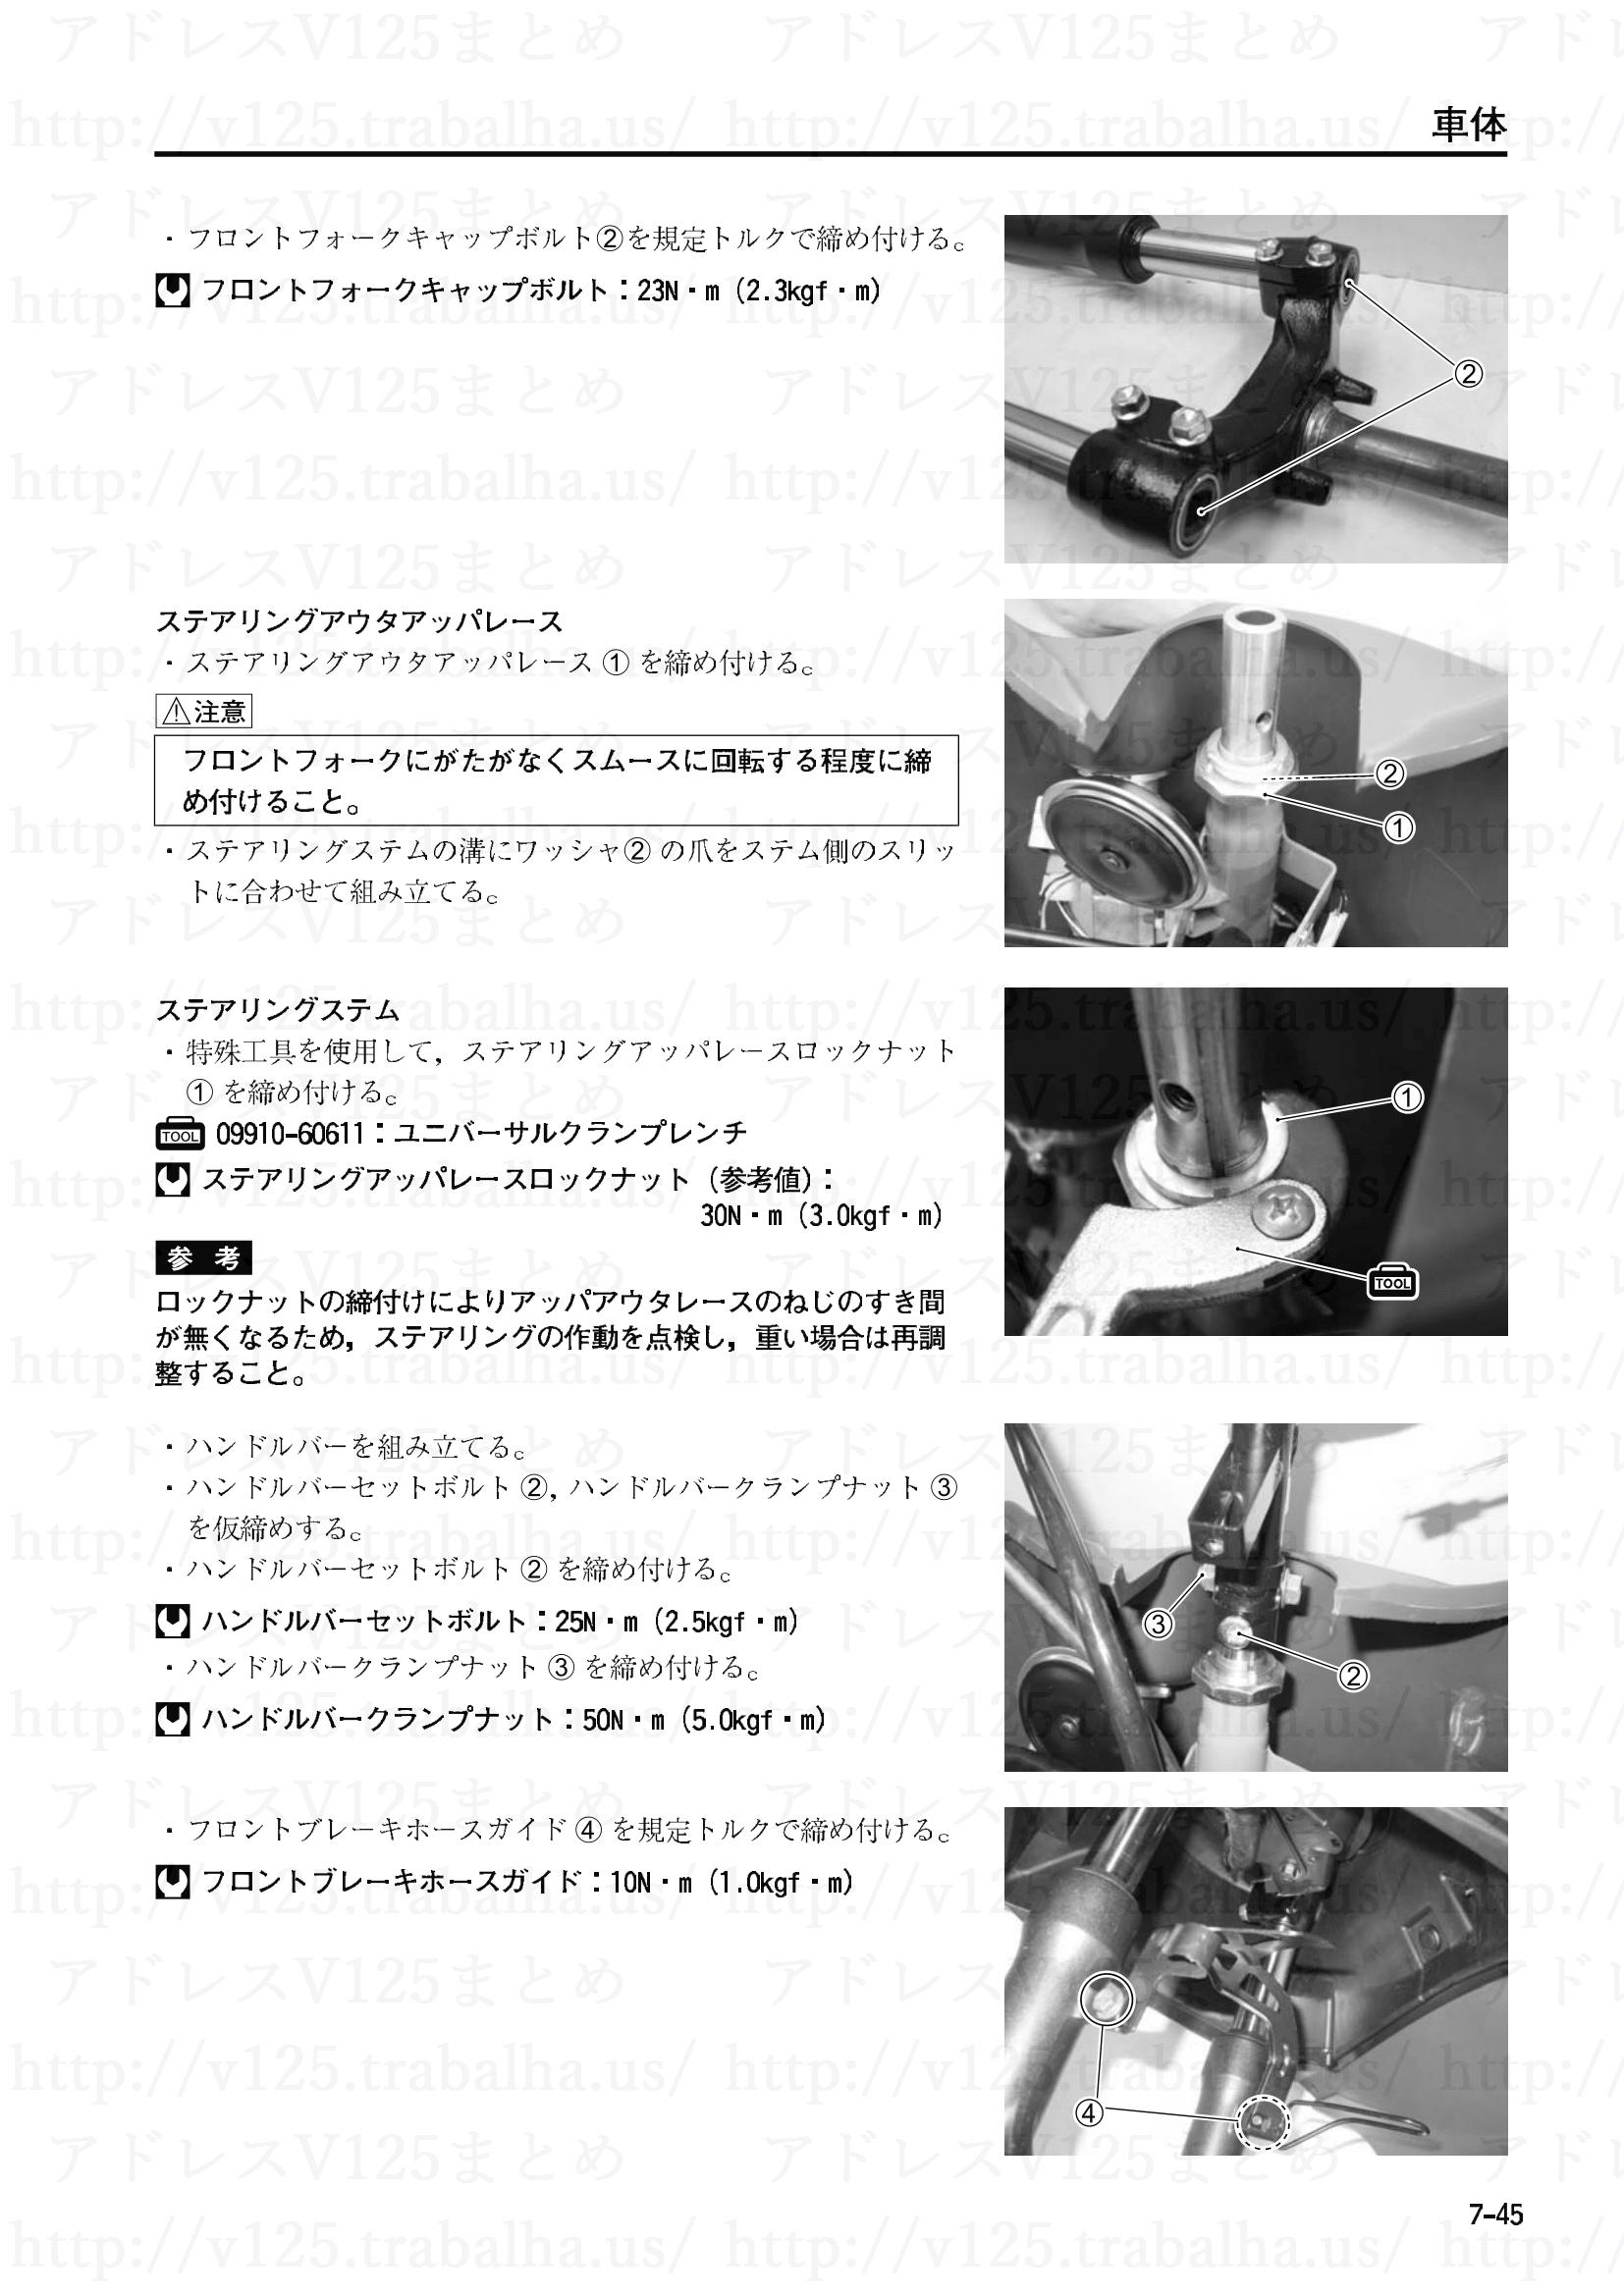 7-45【車体】フロントフォークの組立て4